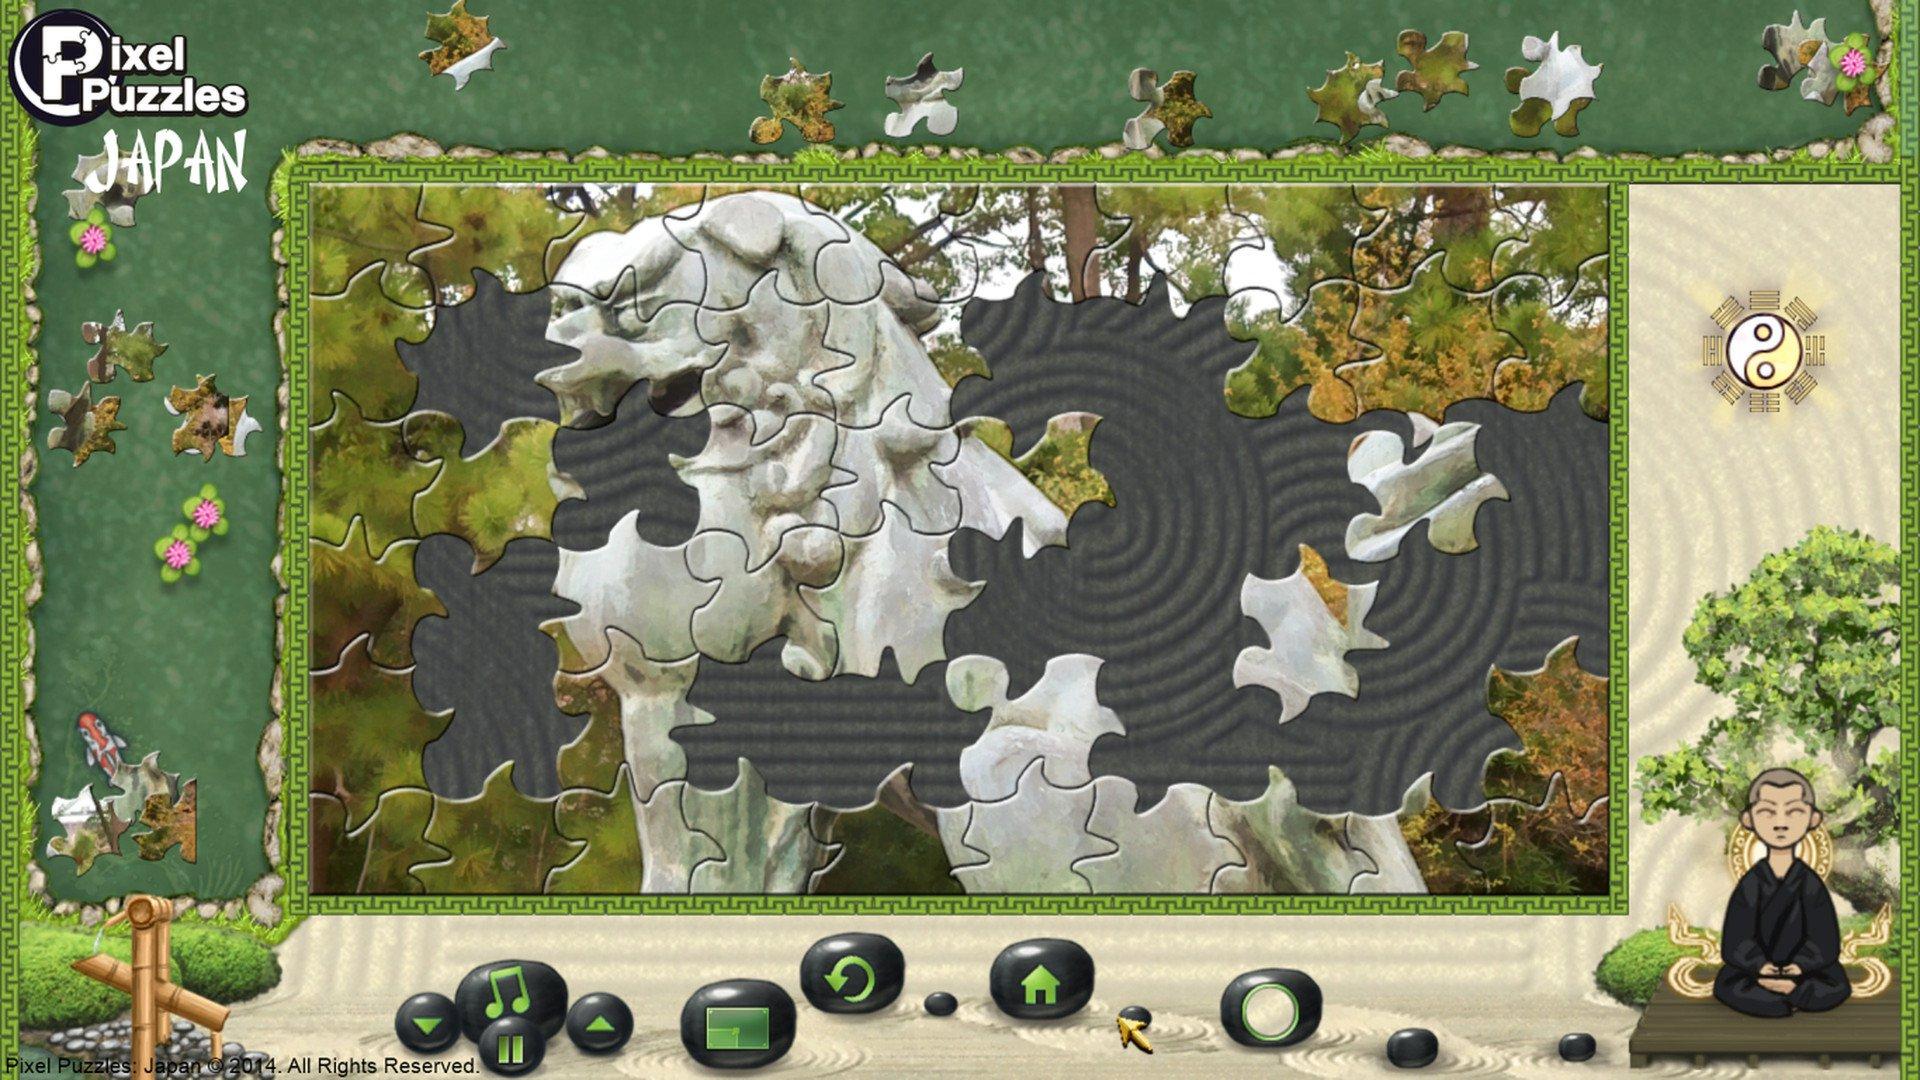 Pixel Puzzles Japan 4